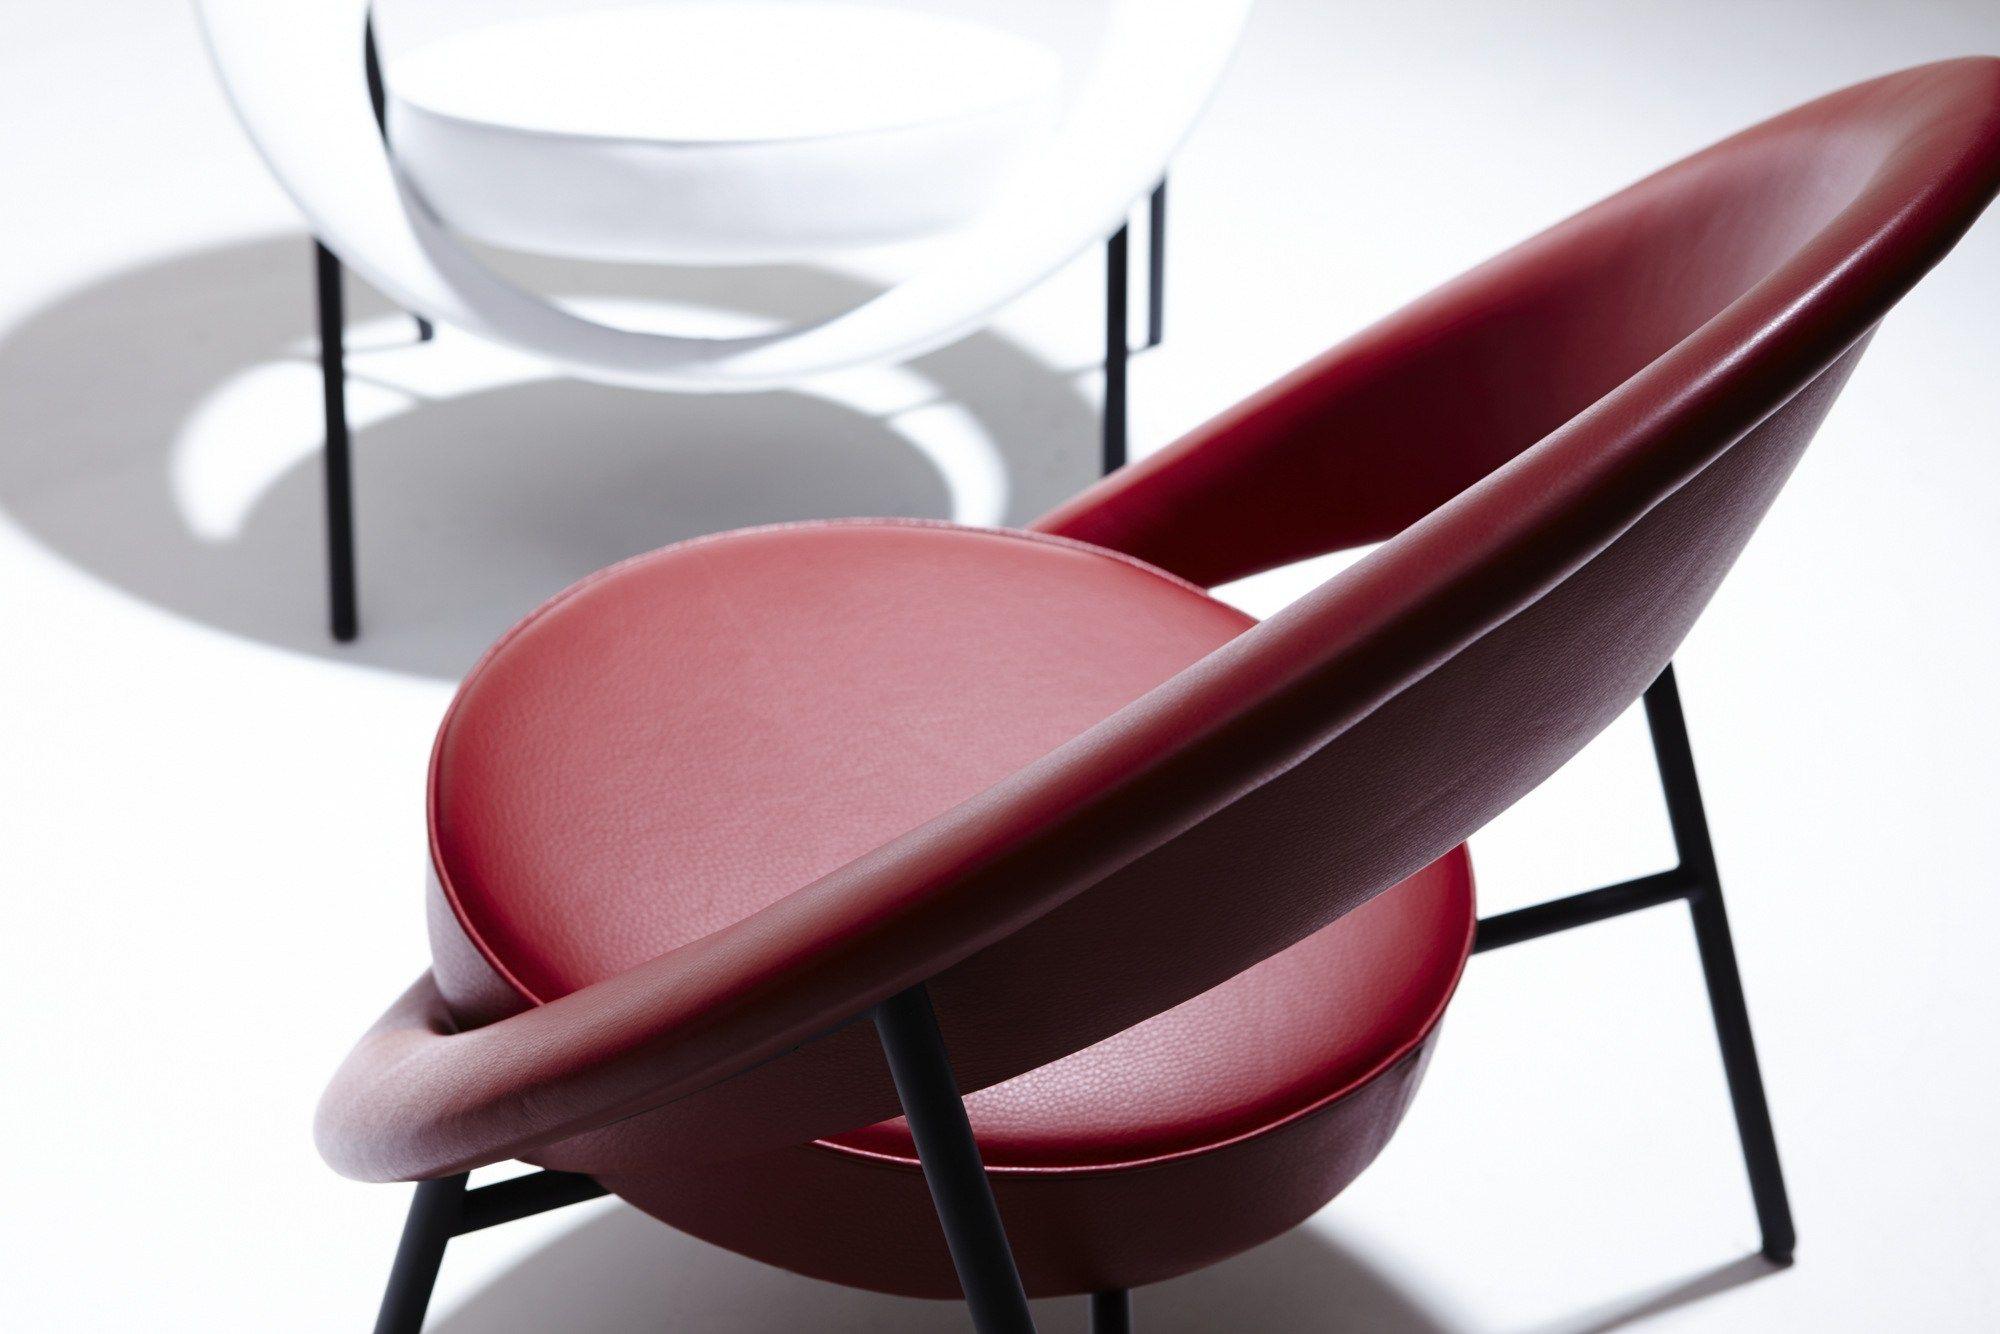 44 petit fauteuil en cuir by burov design dangles defrance - Petit fauteuil en cuir ...